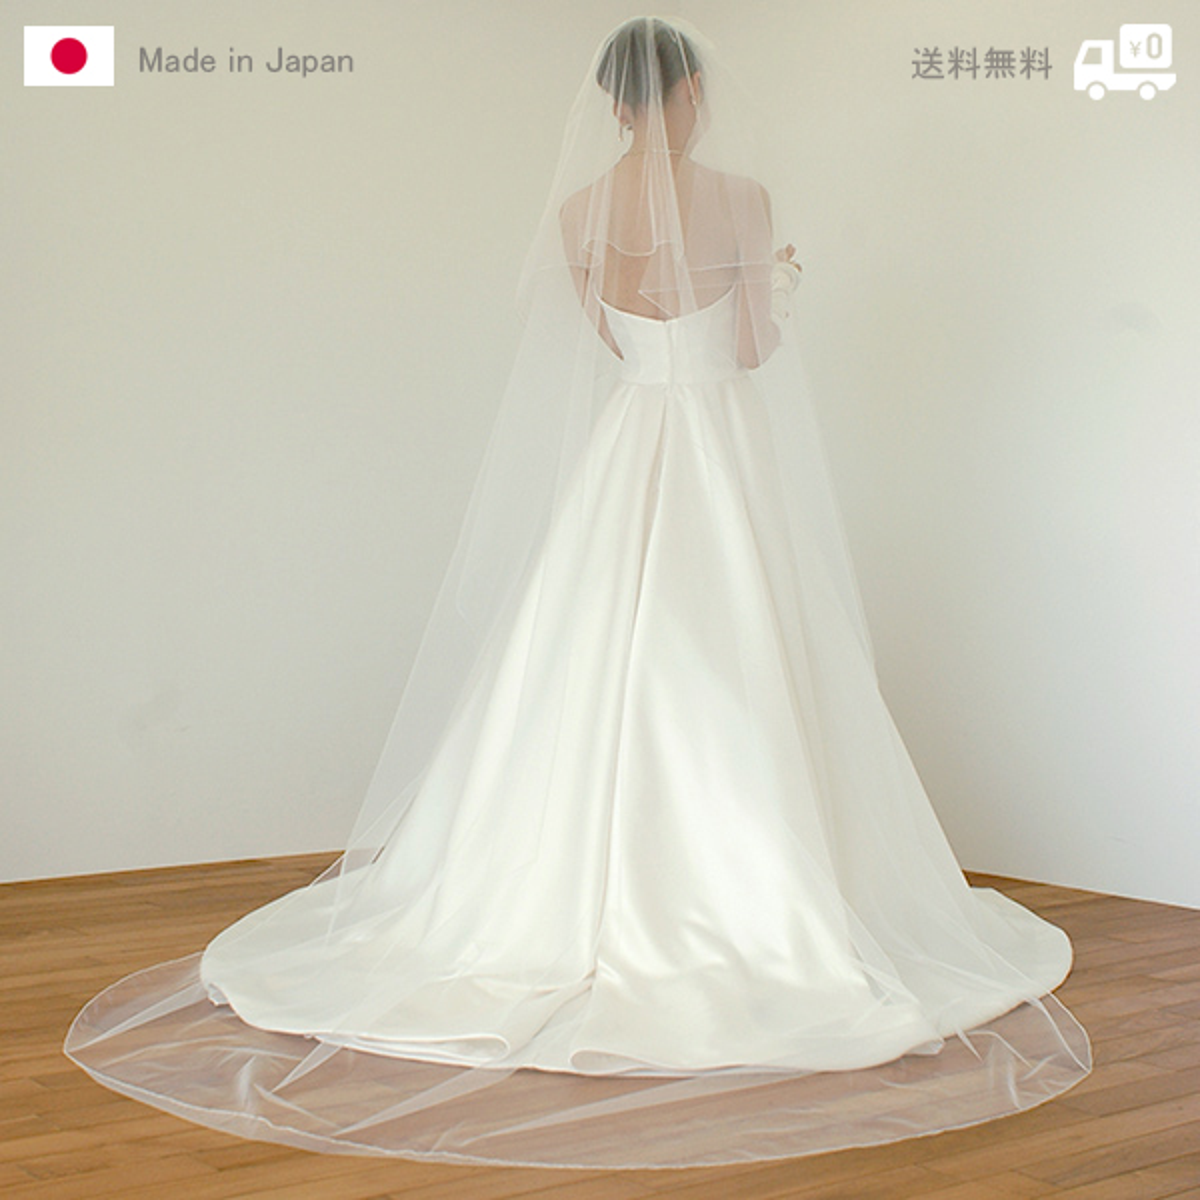 ウェディング ベール ロング 2色 オフホワイト アイボリー(ウェディングベール ウエディングドレス ブライダル ロングベール ヴェール)[V05]【送料無料】【あす楽】